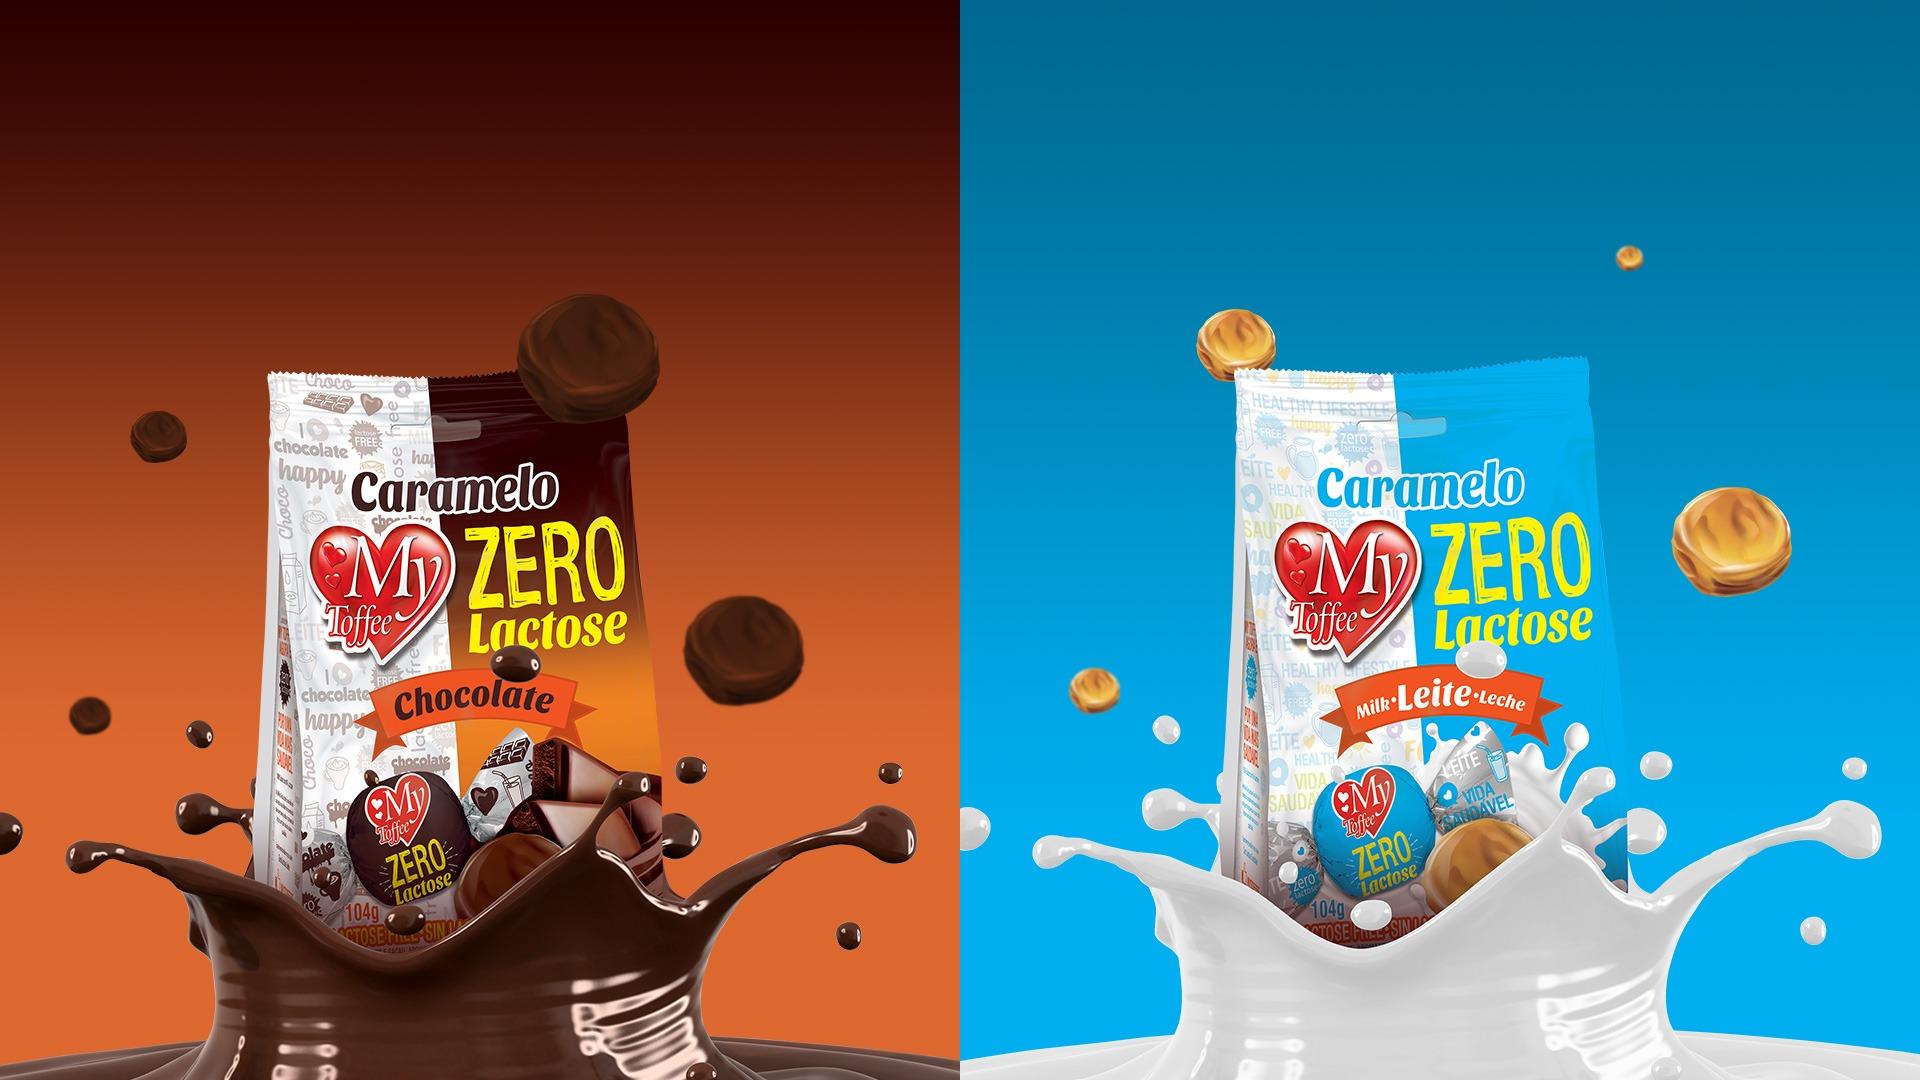 My Toffee zero lactose